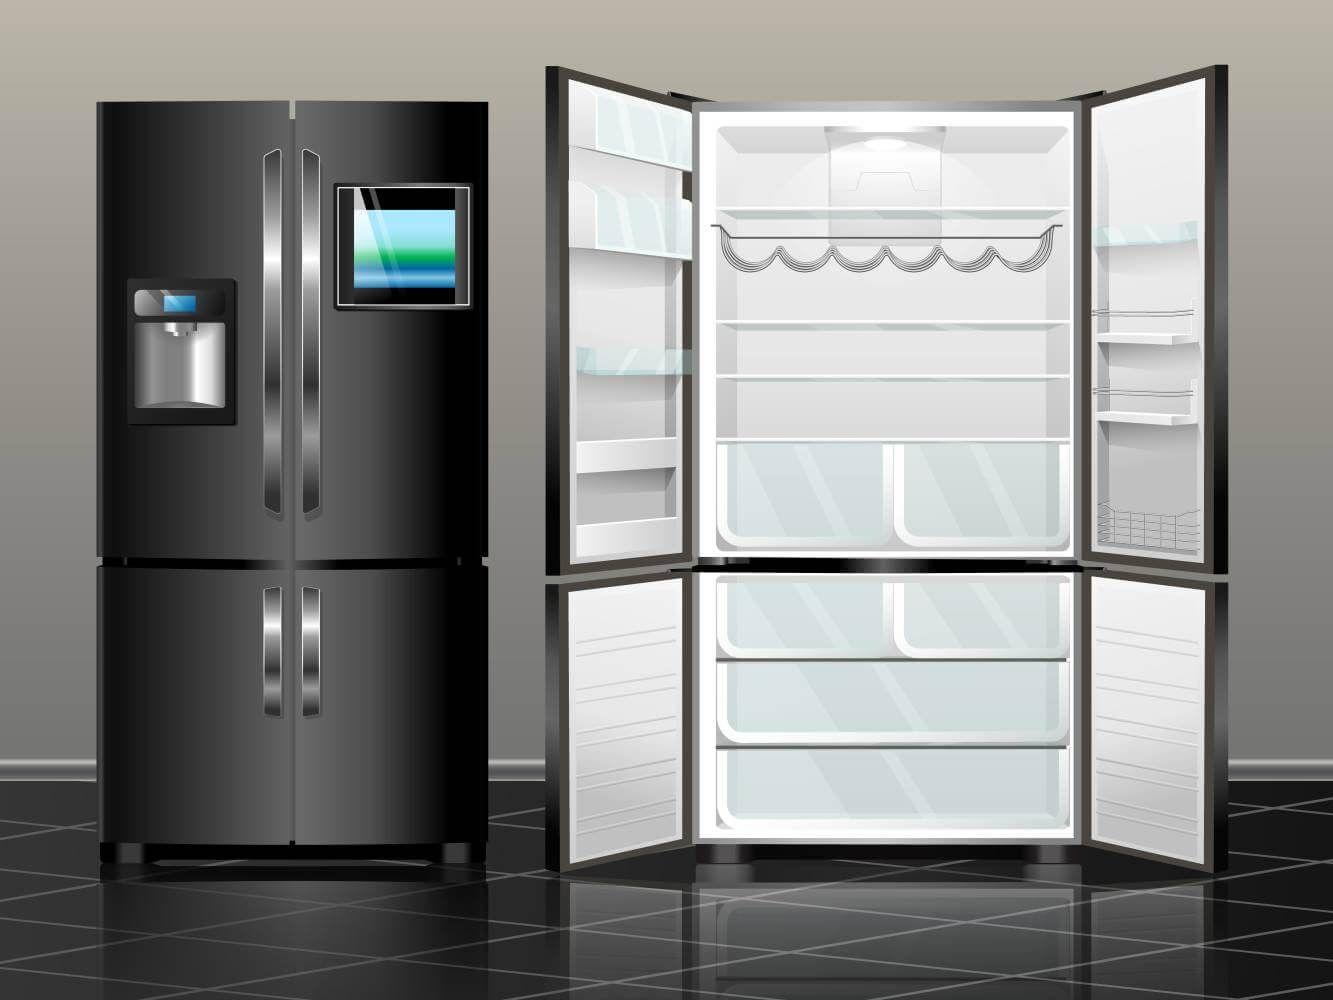 Küche Mit Retro Kühlschrank : Poggenpohl retro vintage küche massivholz blenden kühlschrank